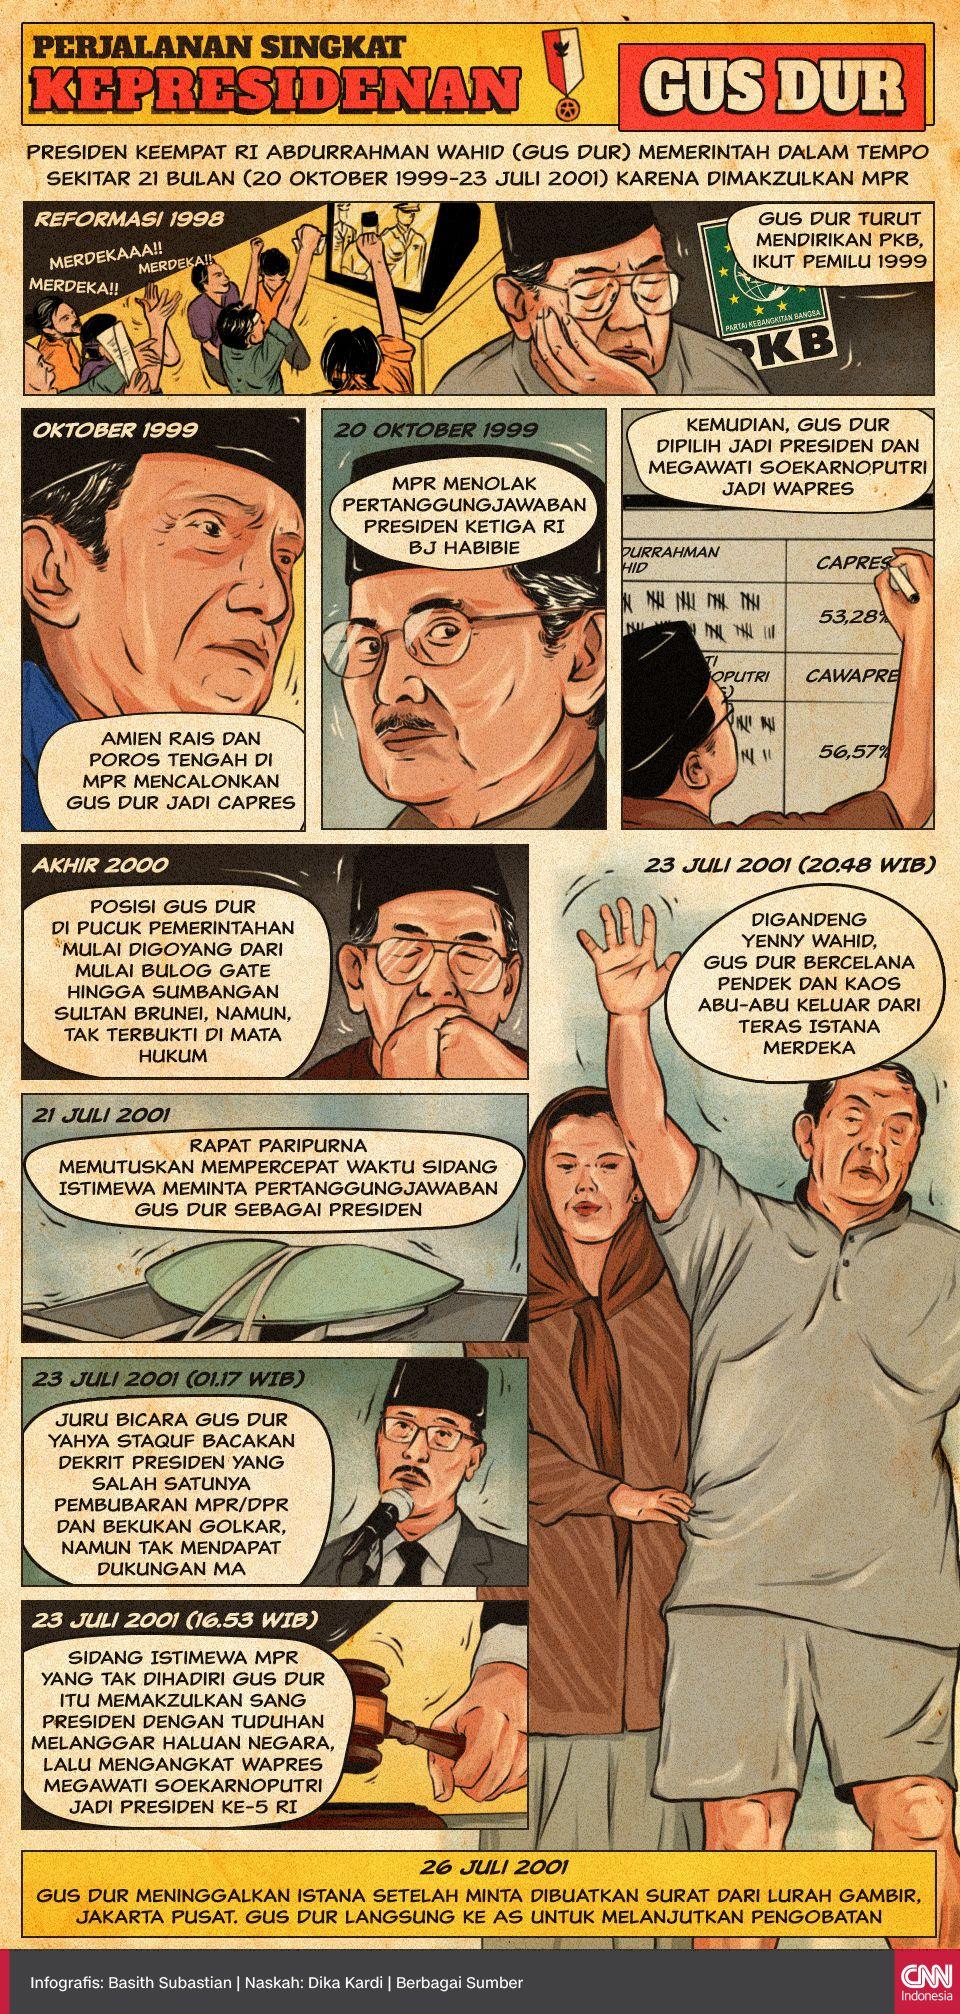 Infografis Perjalanan Singkat Kepresidenan Gus Dur